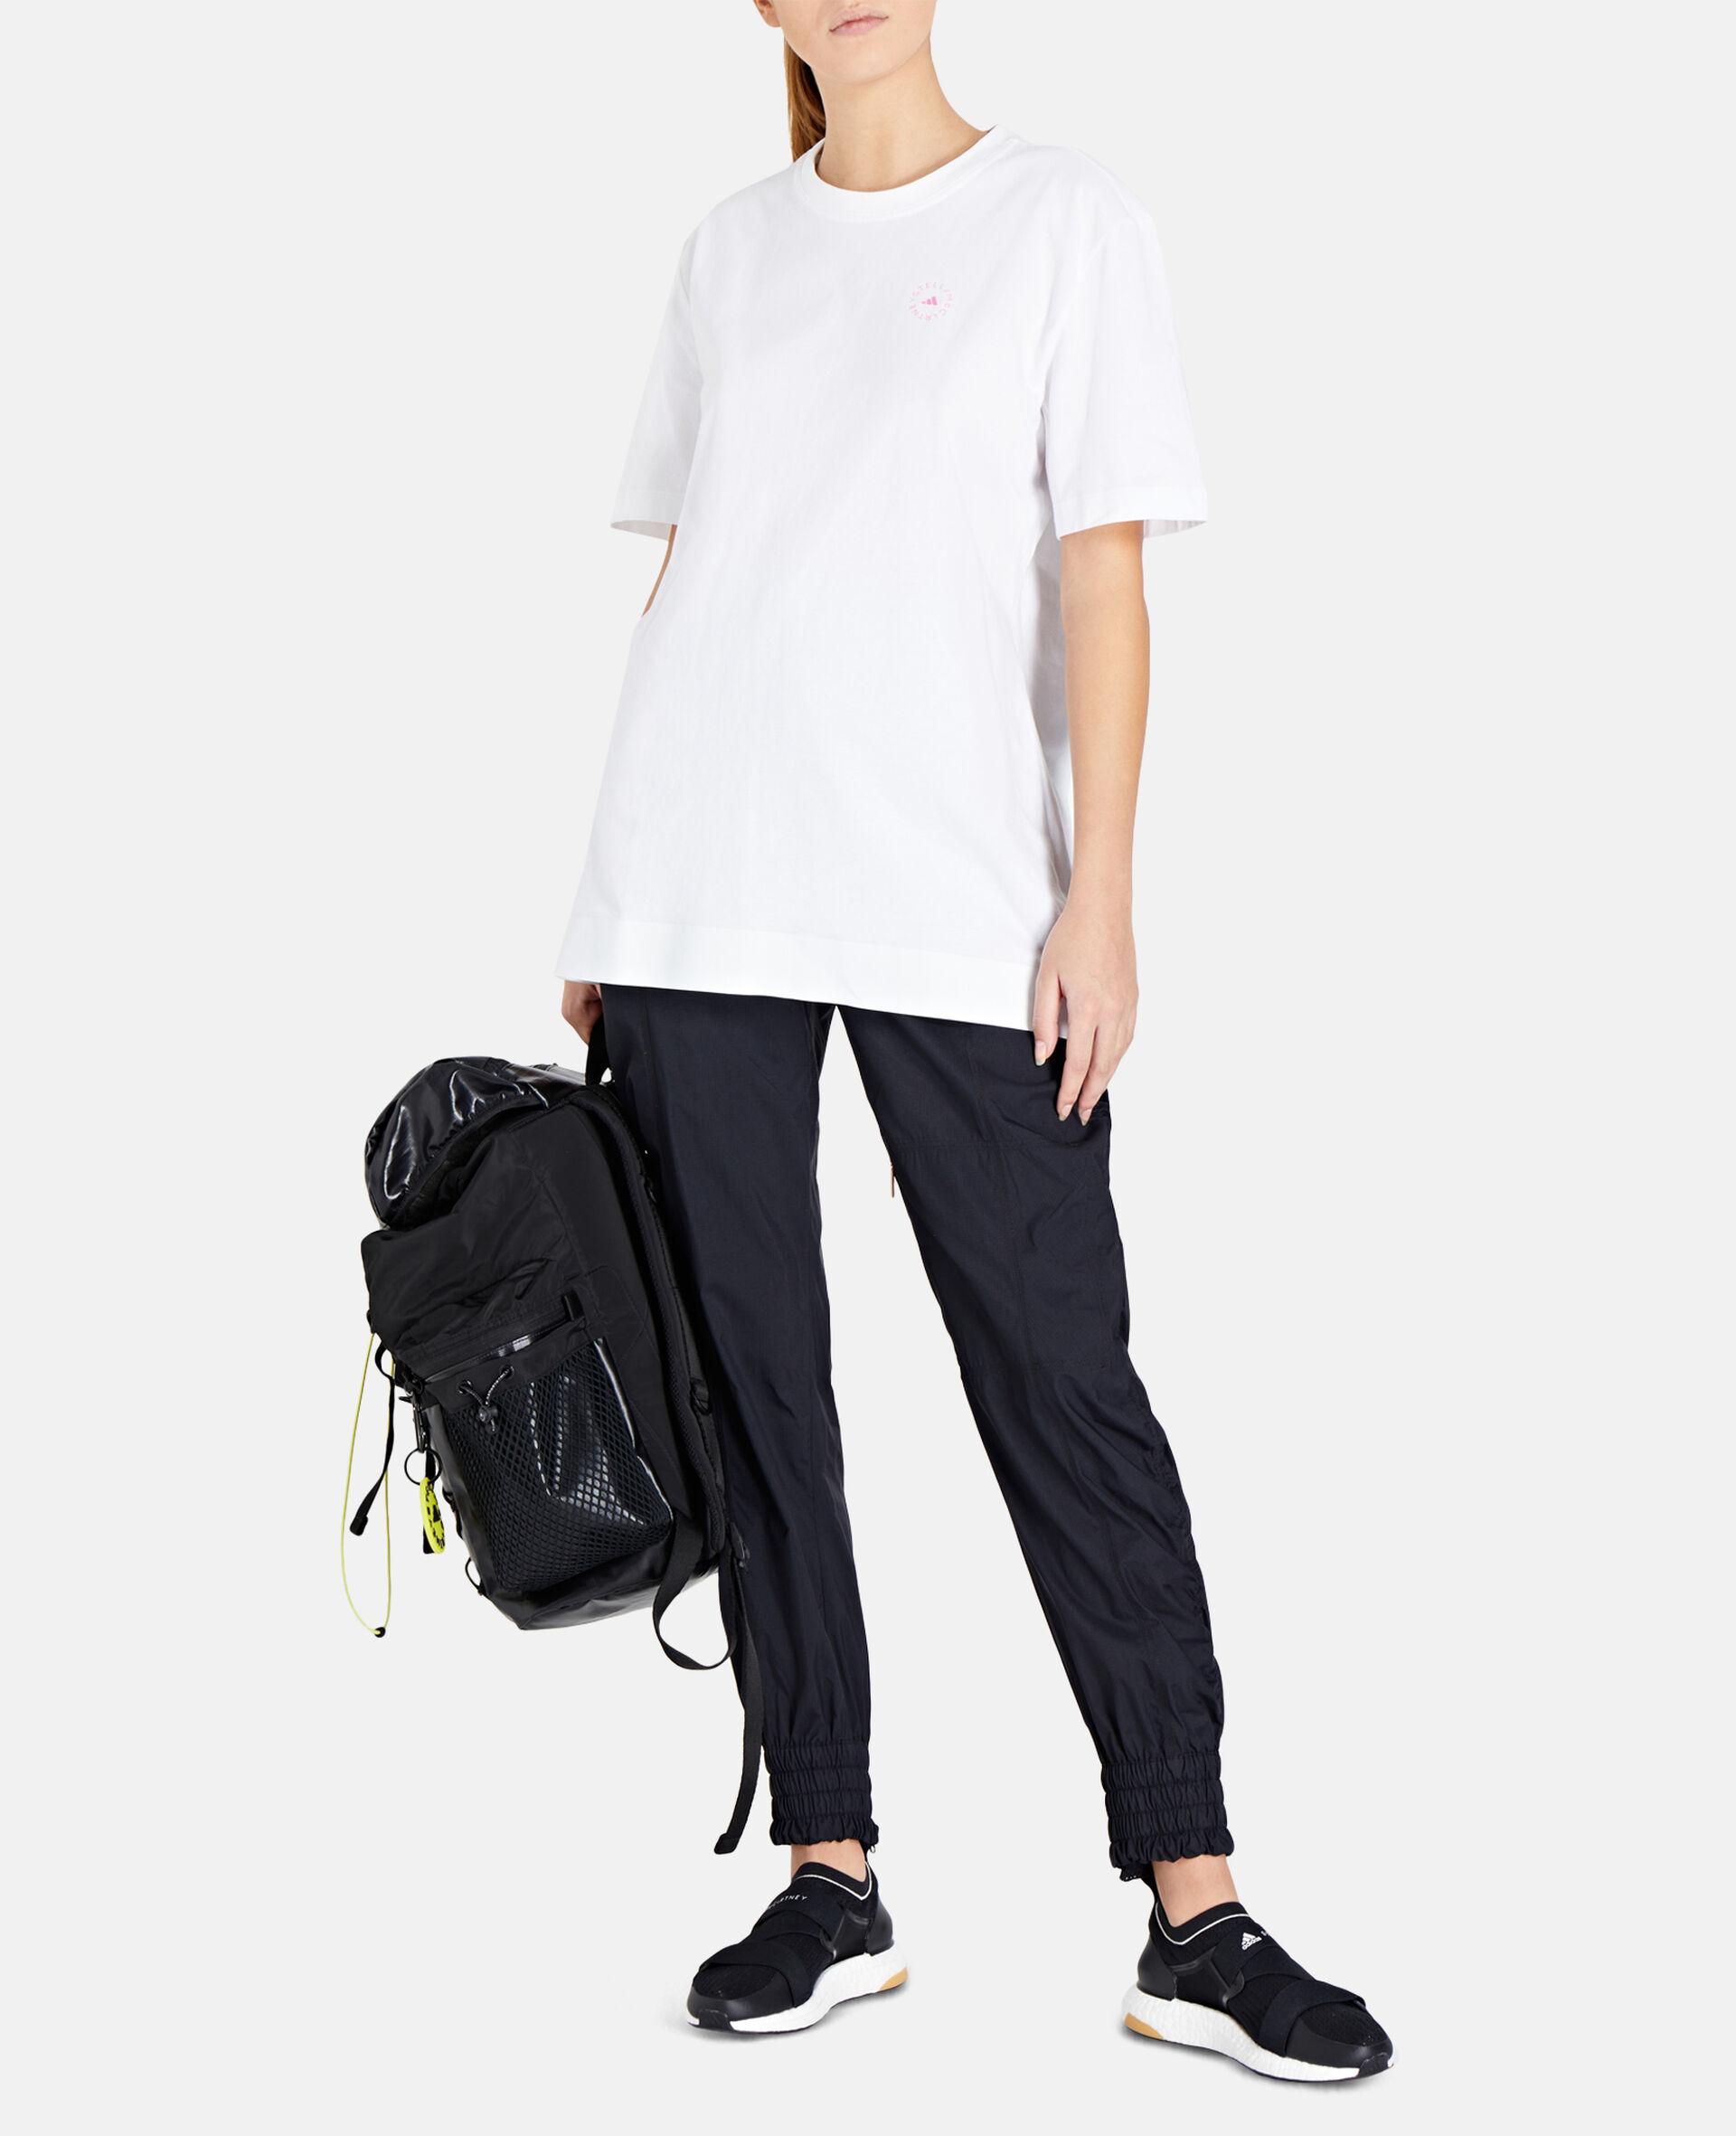 White Training T-Shirt-White-large image number 1